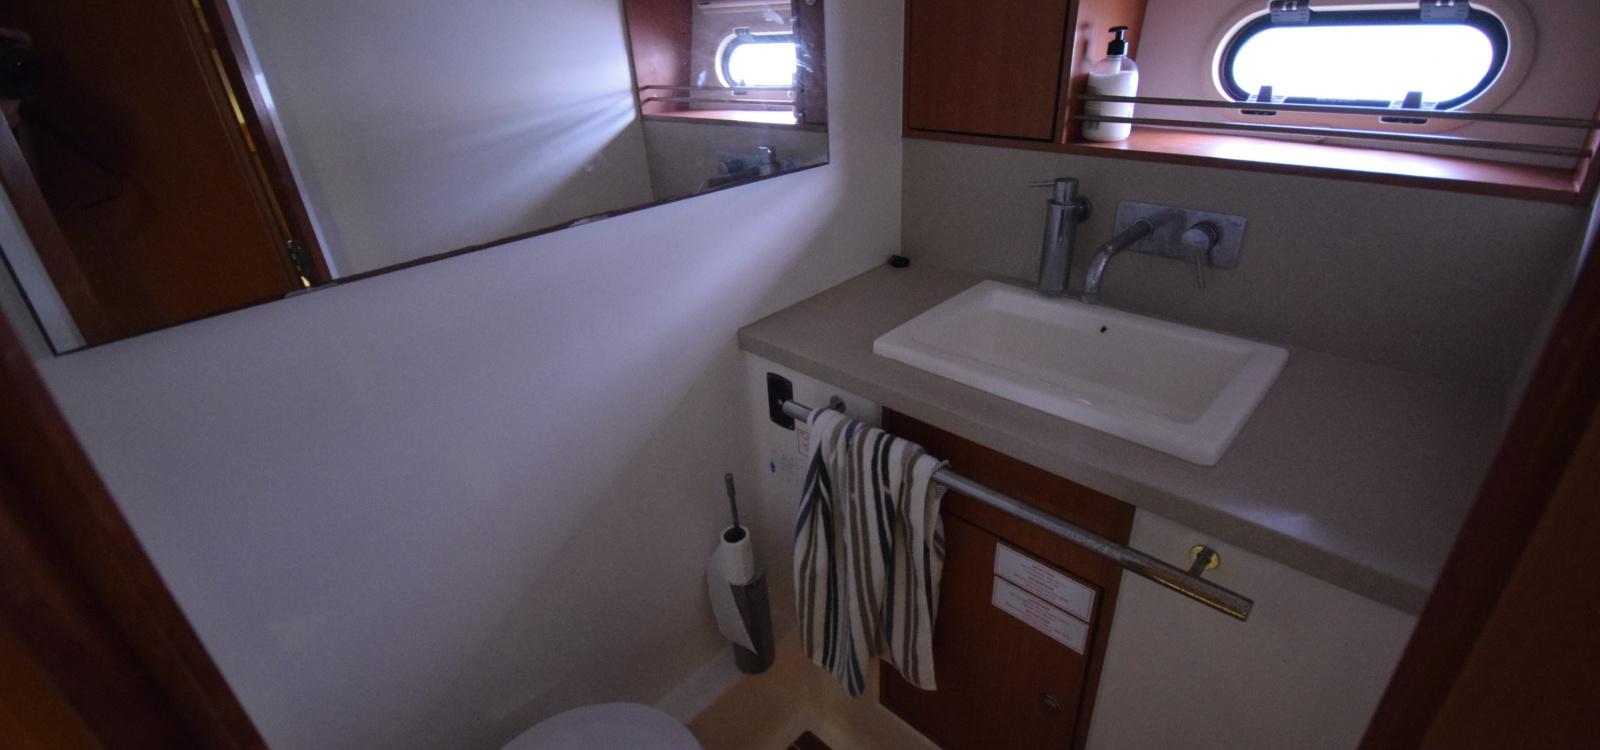 El Masnou,Barcelona,España,3 Habitaciones Habitaciones,2 LavabosLavabos,Barco a motor,1048